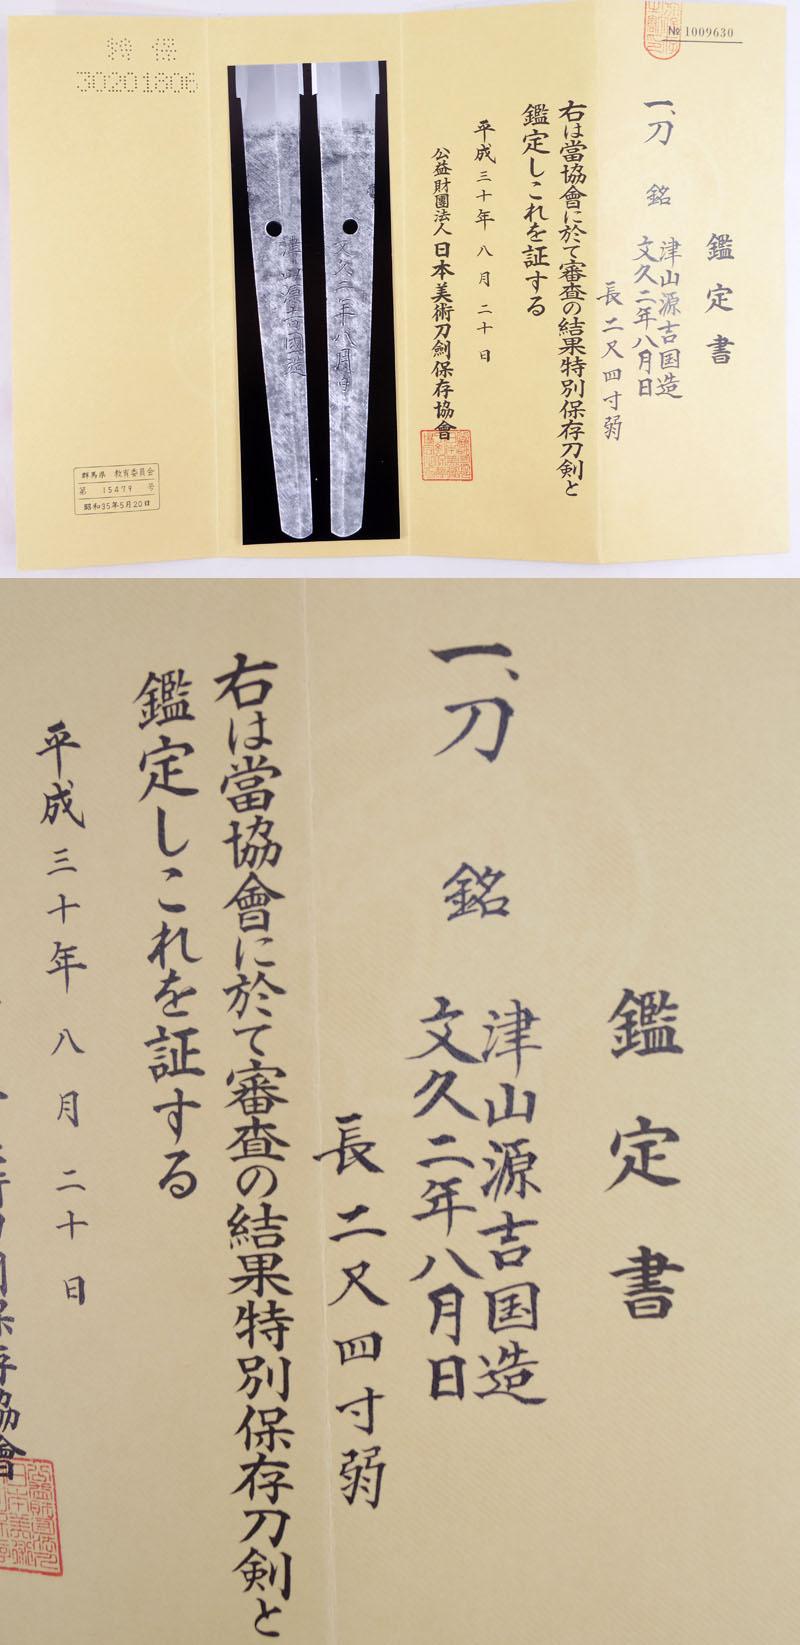 津山源吉国造 (鬼塚吉国) Picture of Certificate